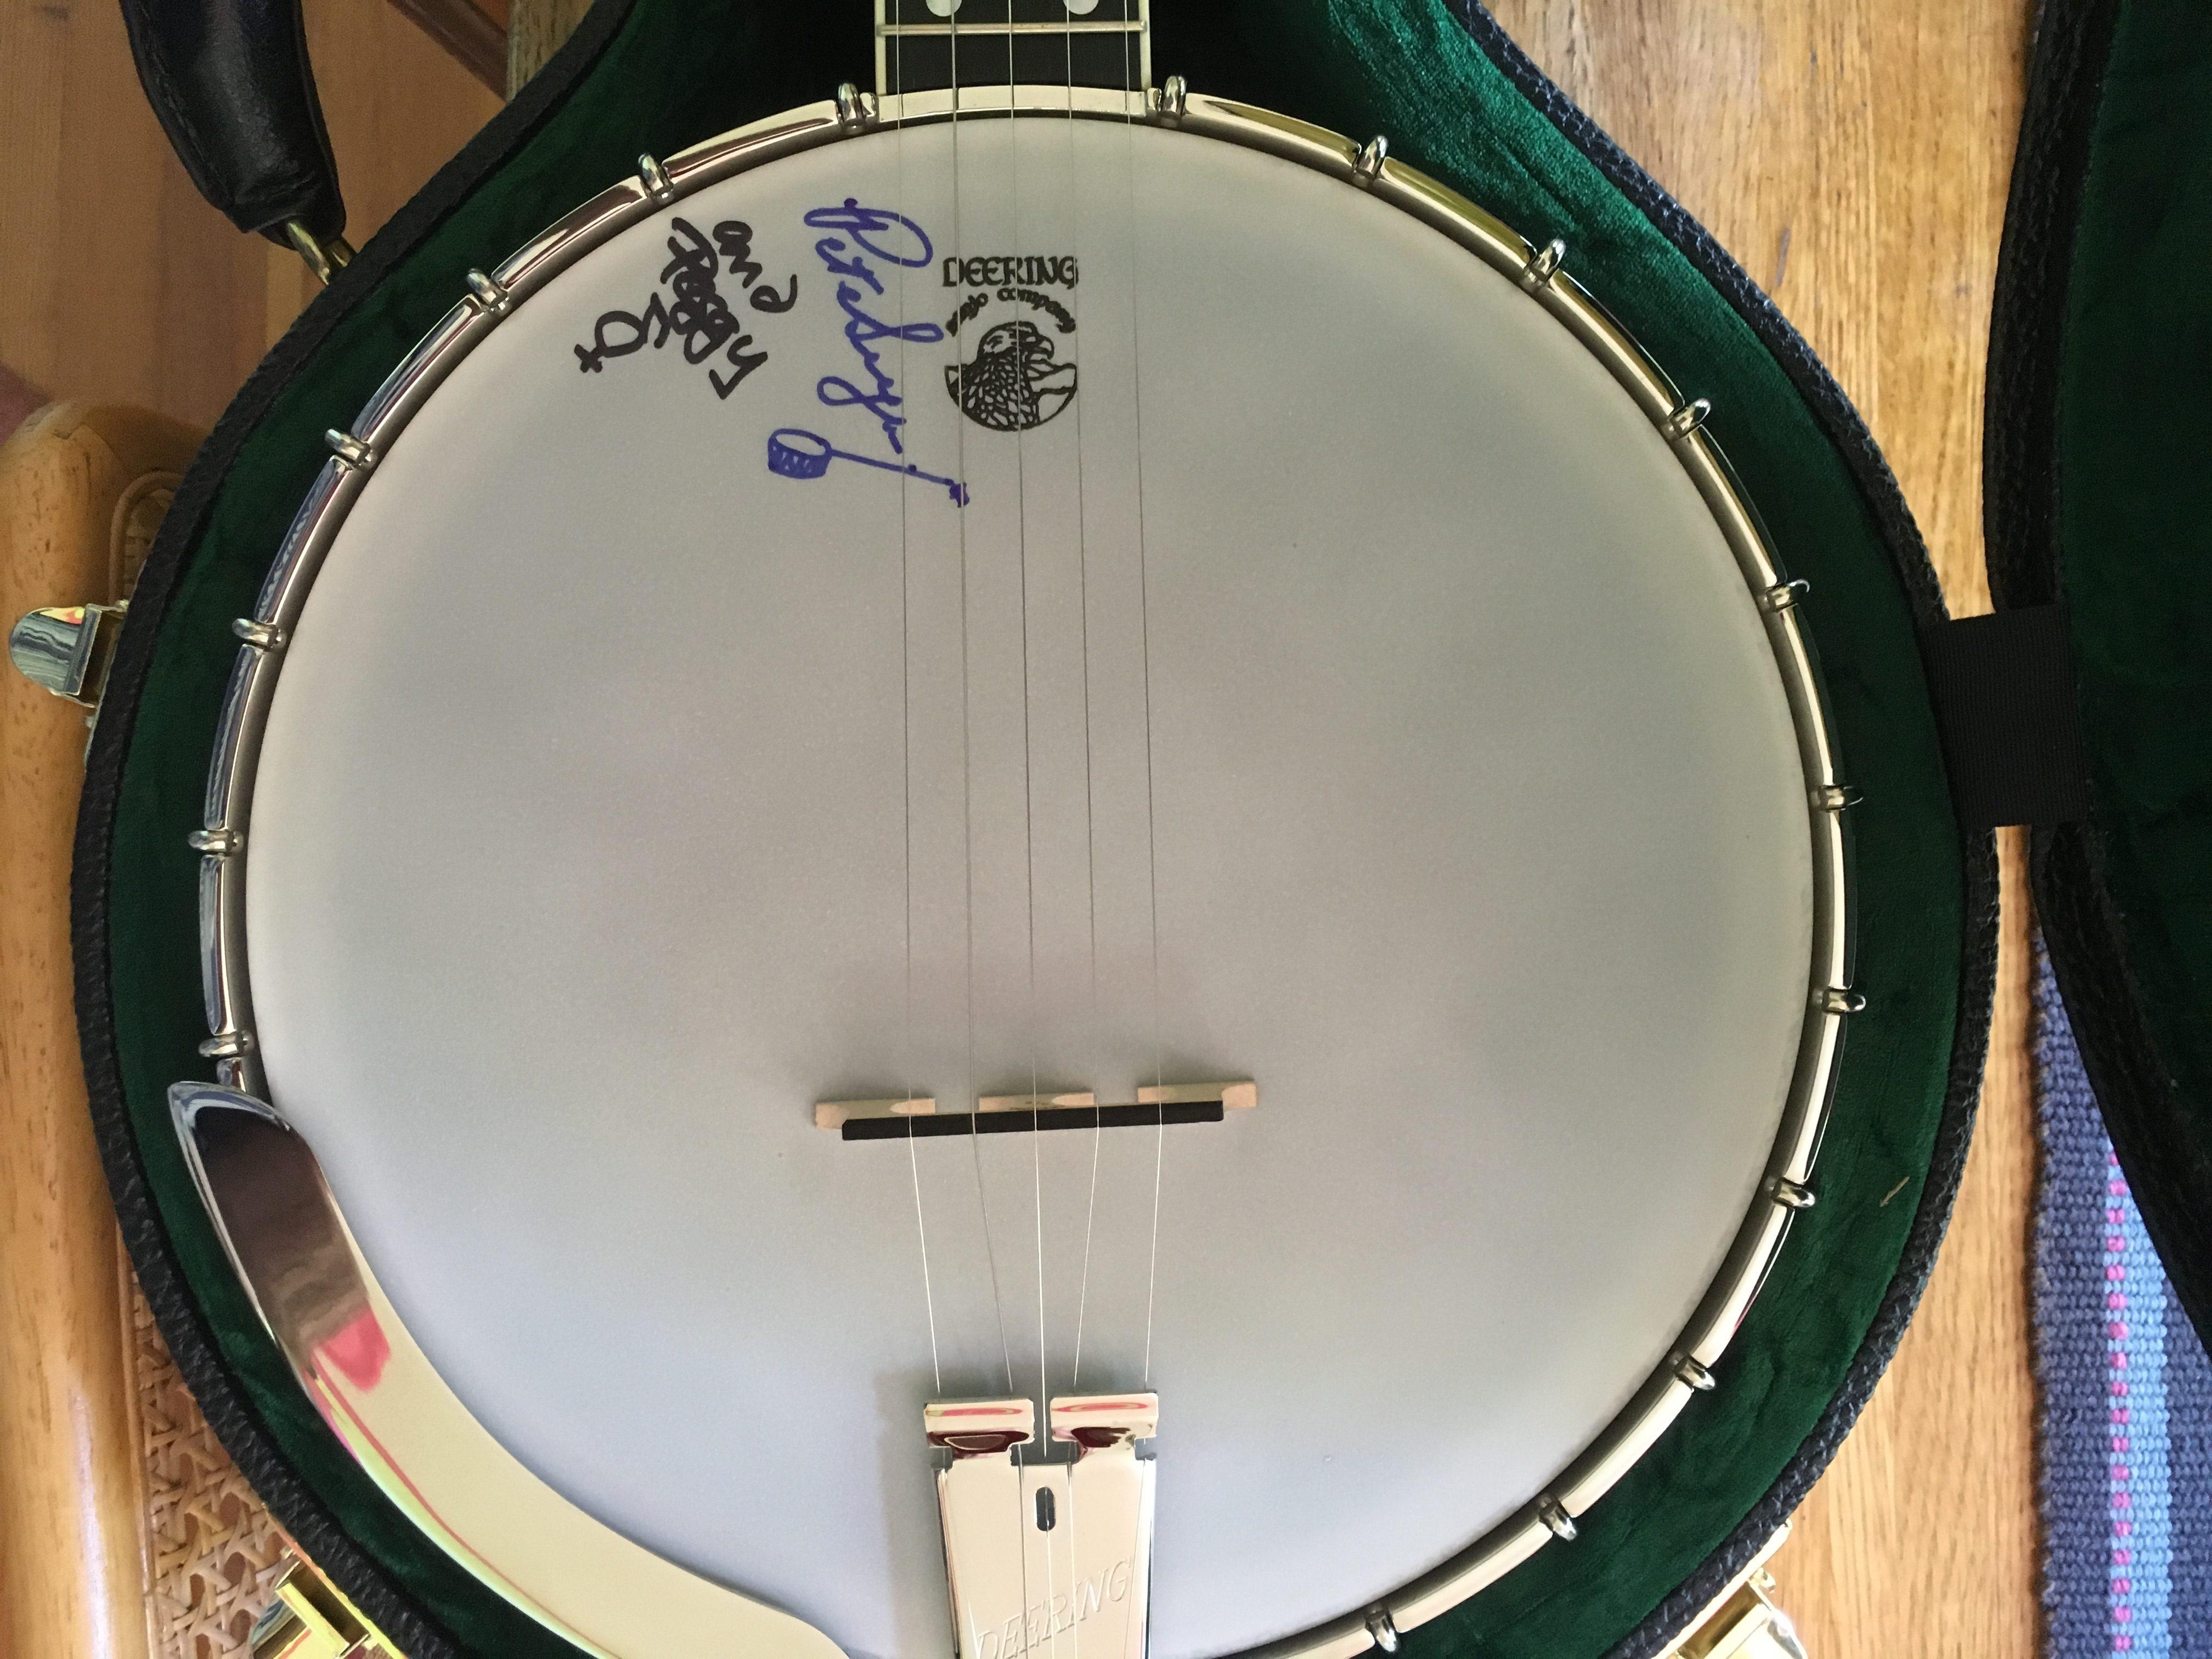 Local 1000 AFM Deering Vega Long Neck Banjo Raffle - Local 1000 AFM